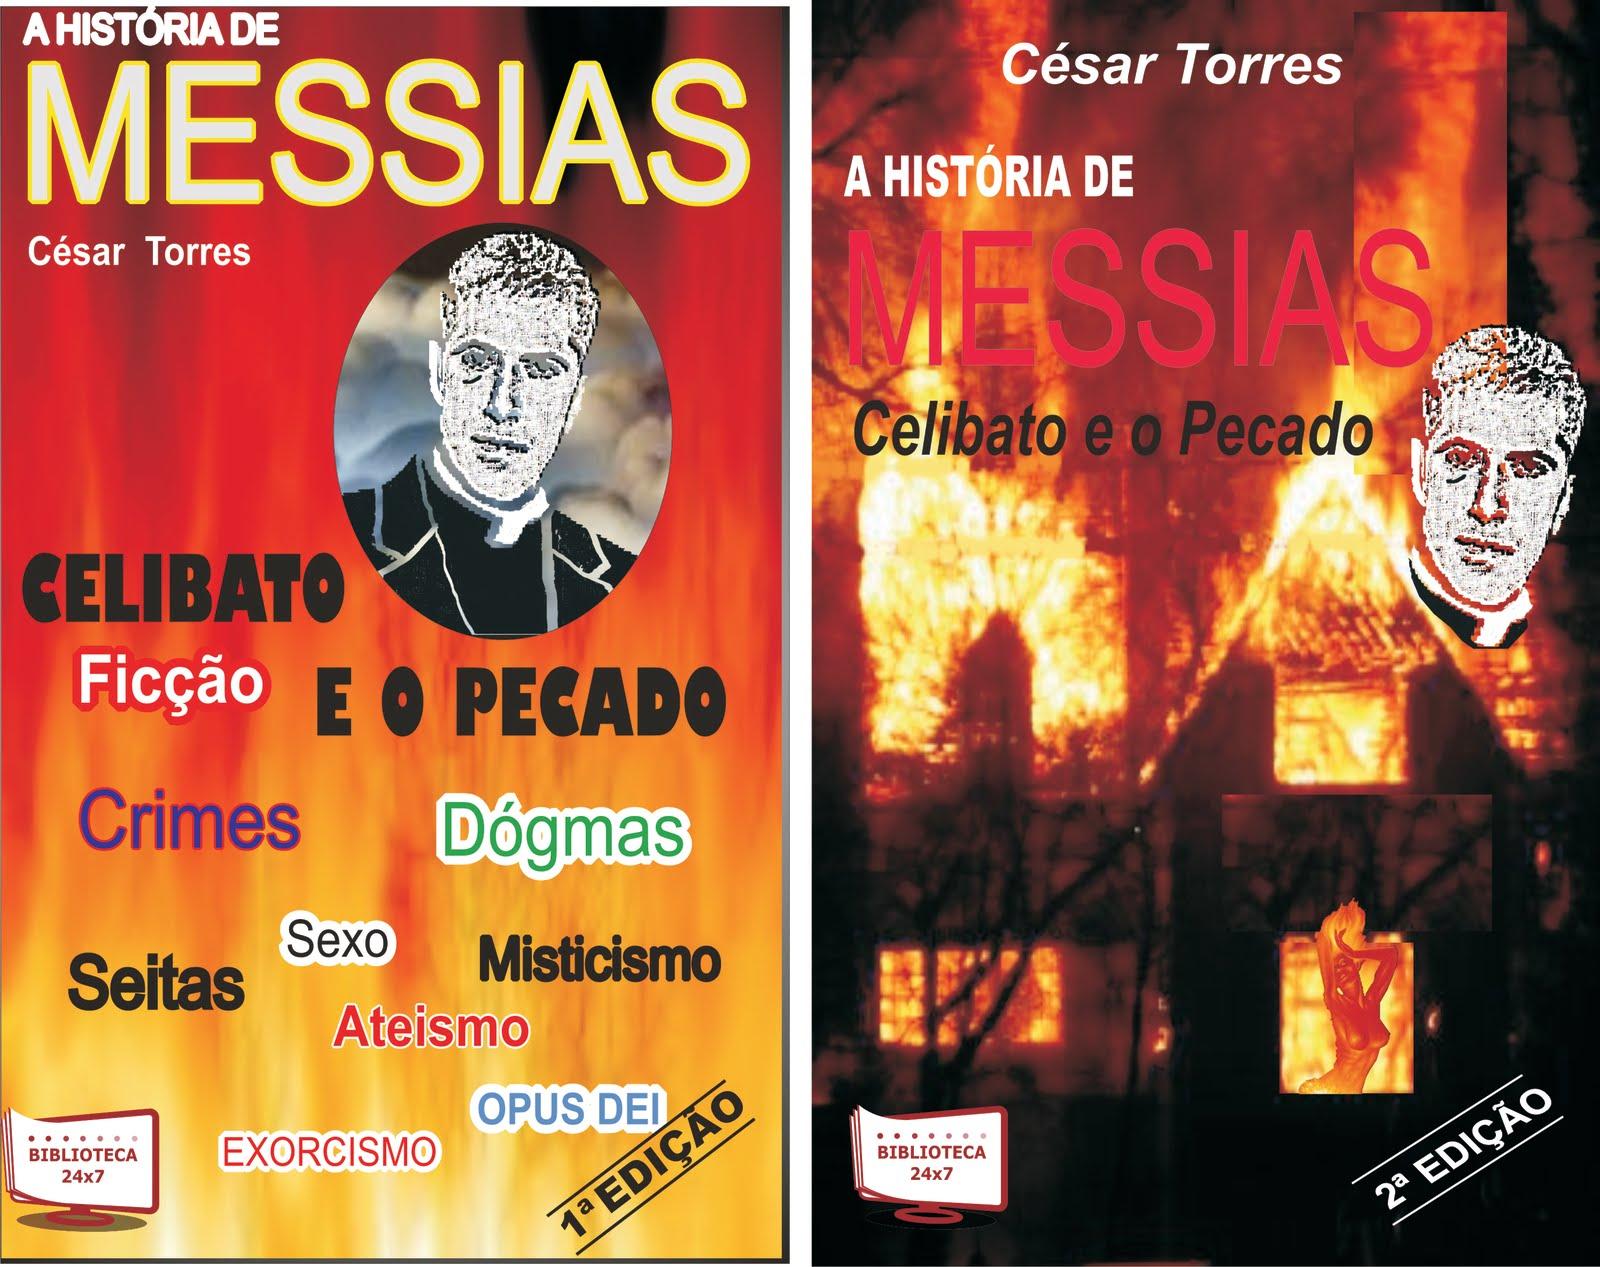 A História de Messias